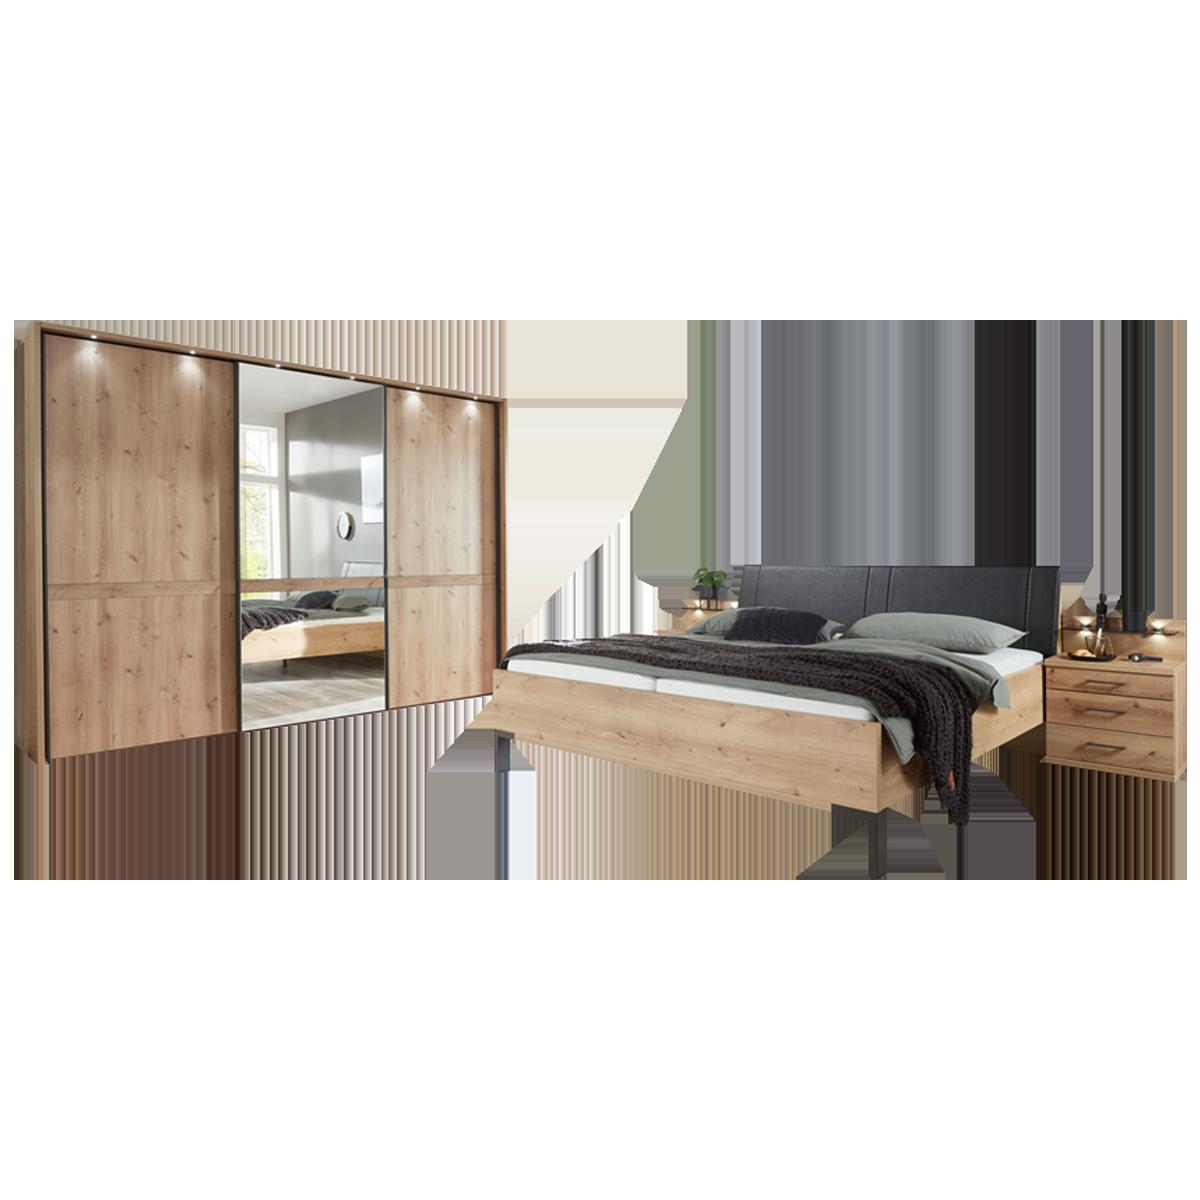 Wiemann Mexiko Schlafzimmer Futonbett 18-türiger Schwebetürenschrank und  Nachtkonsolen in Bianco-Eiche-Nachbildung Griffe und Winkelfüße in Schiefer